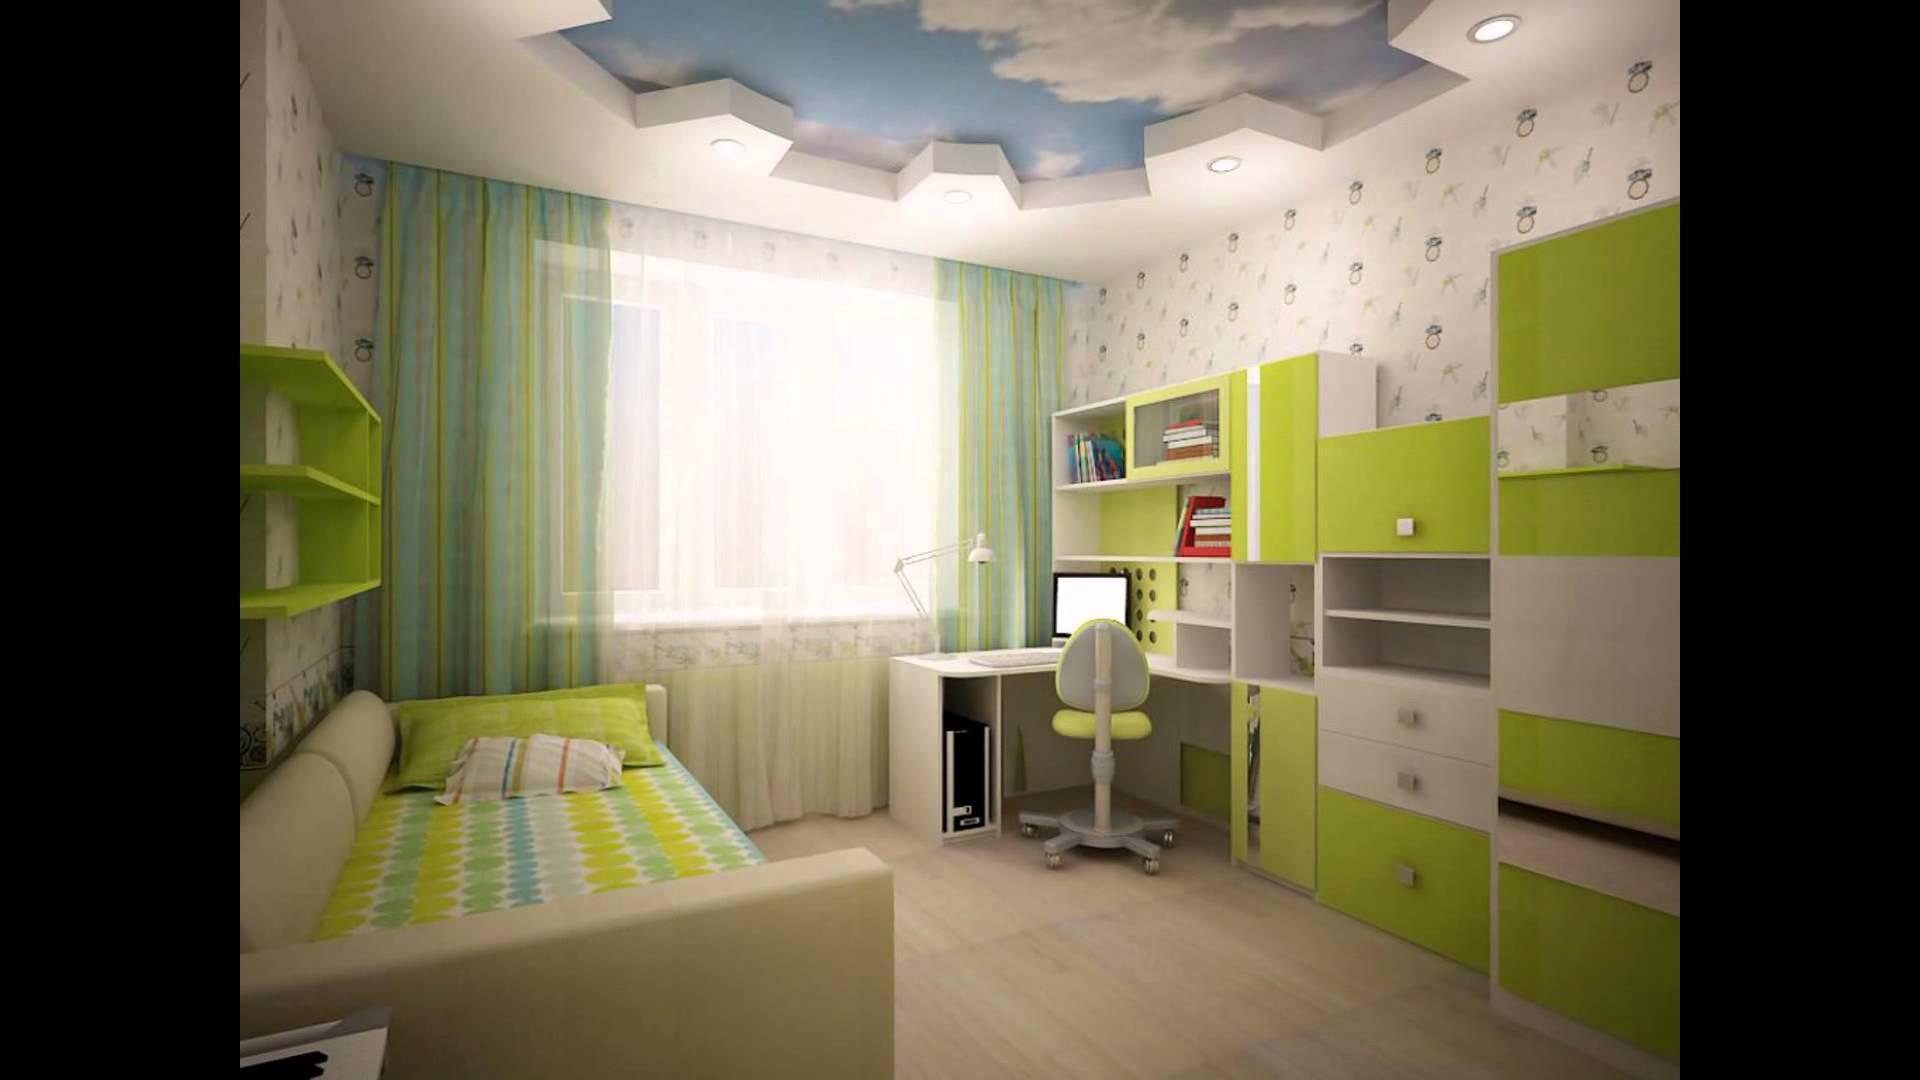 яркая детская спальня для ребенка картинка